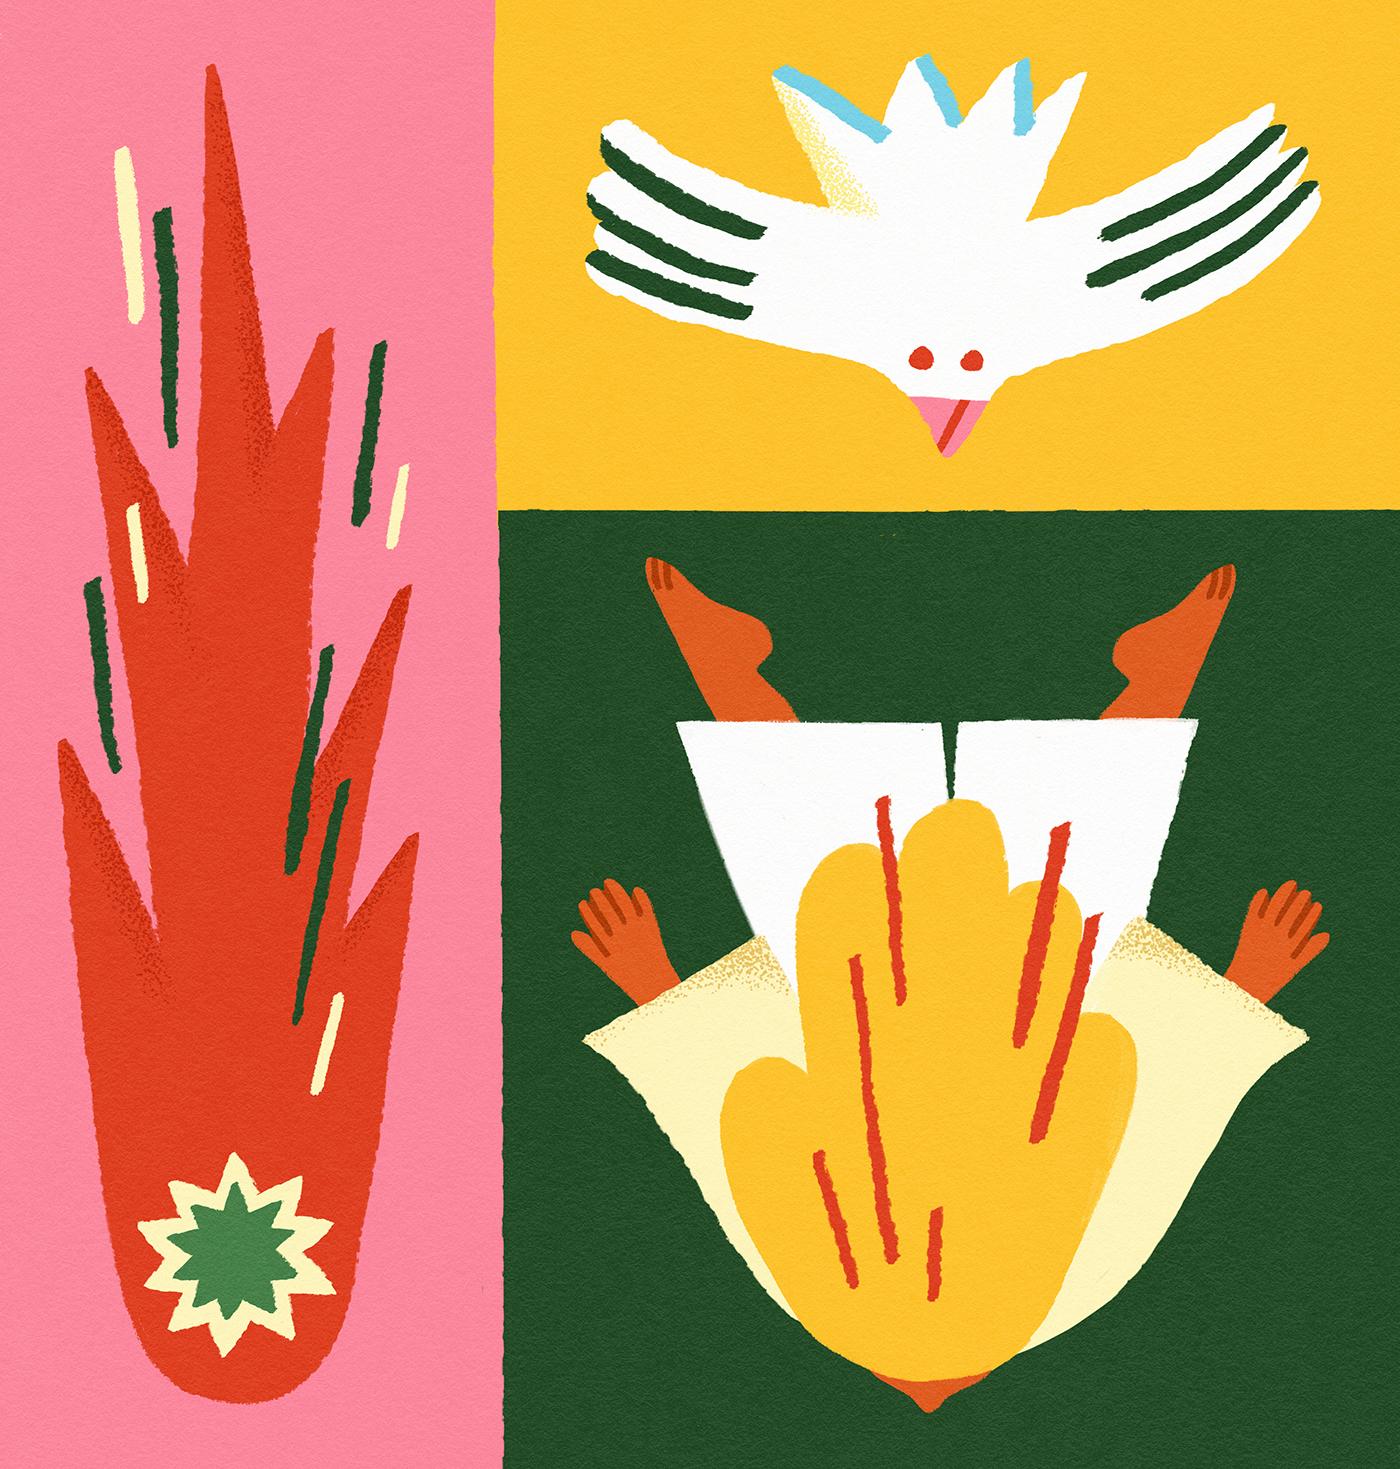 crashing-falling-woman-bird-comet-meteor-pattern-pink-red-green-illustration-violeta-noy